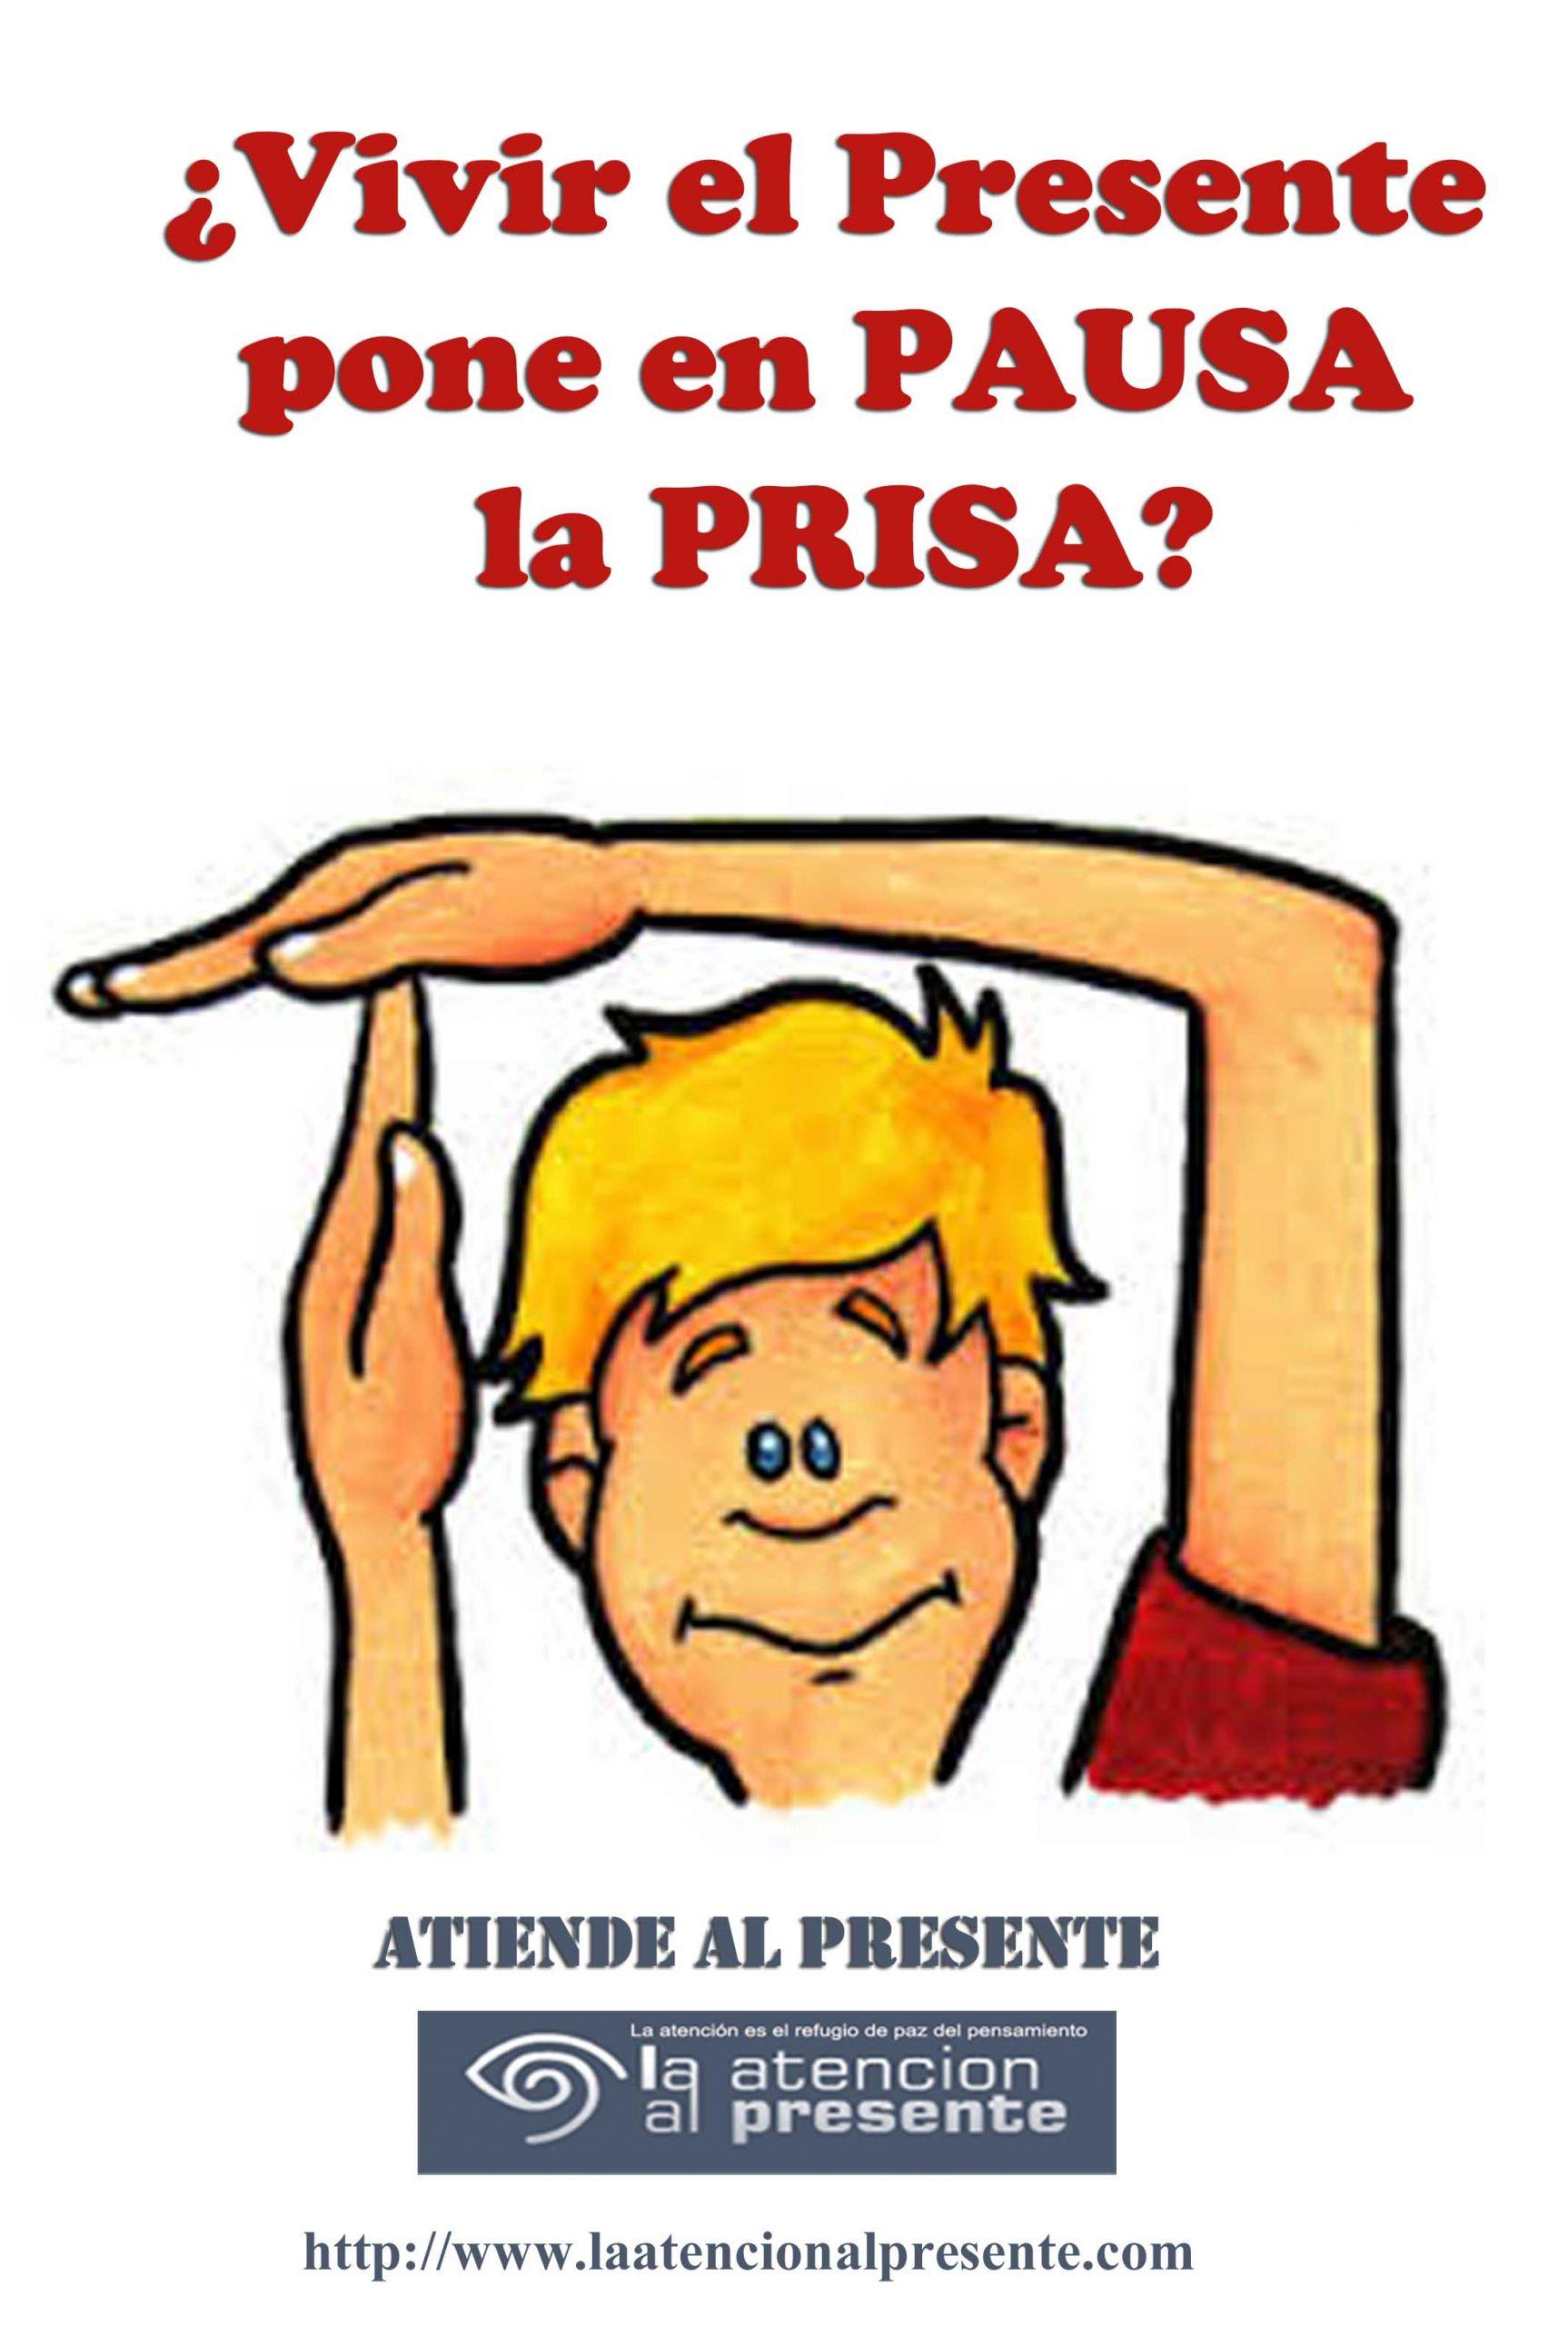 25 de marzo Esteban Vivir el Presente pone PAUSA a la PRISA min scaled